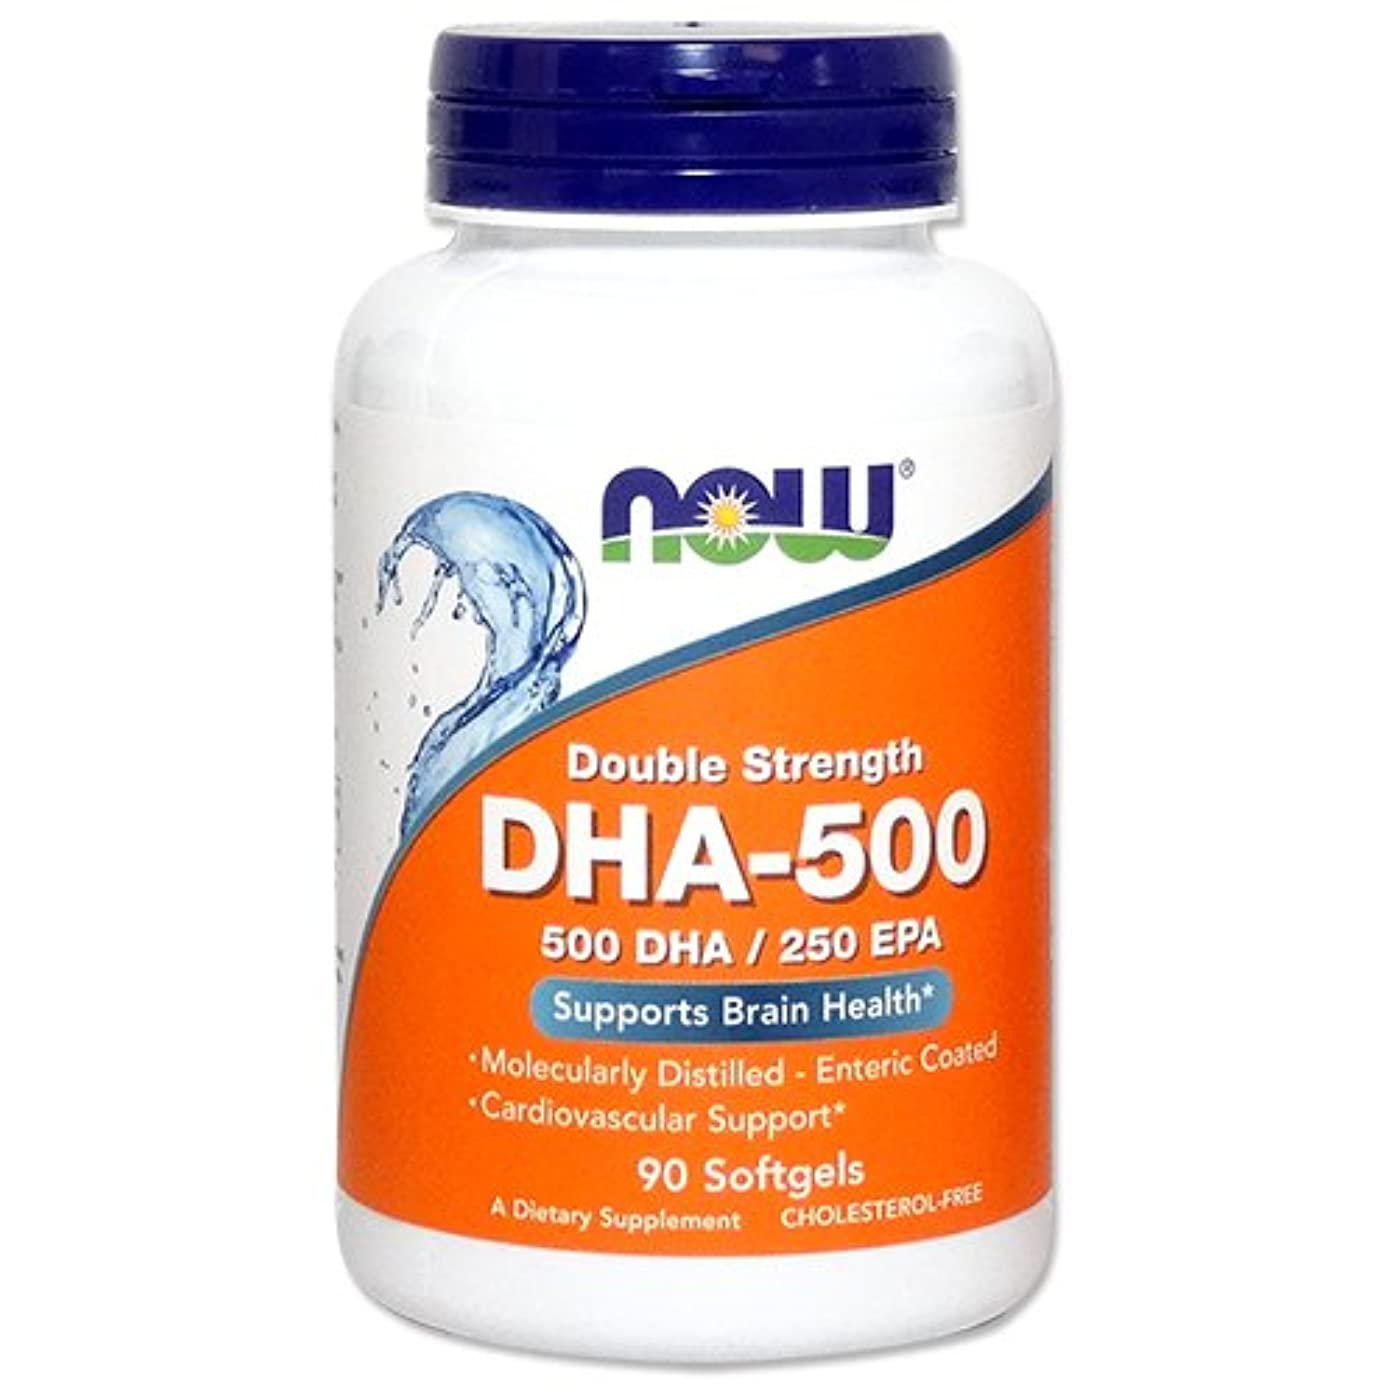 小麦価値復活[海外直送品] ナウフーズ   高含有DHA-500 90粒